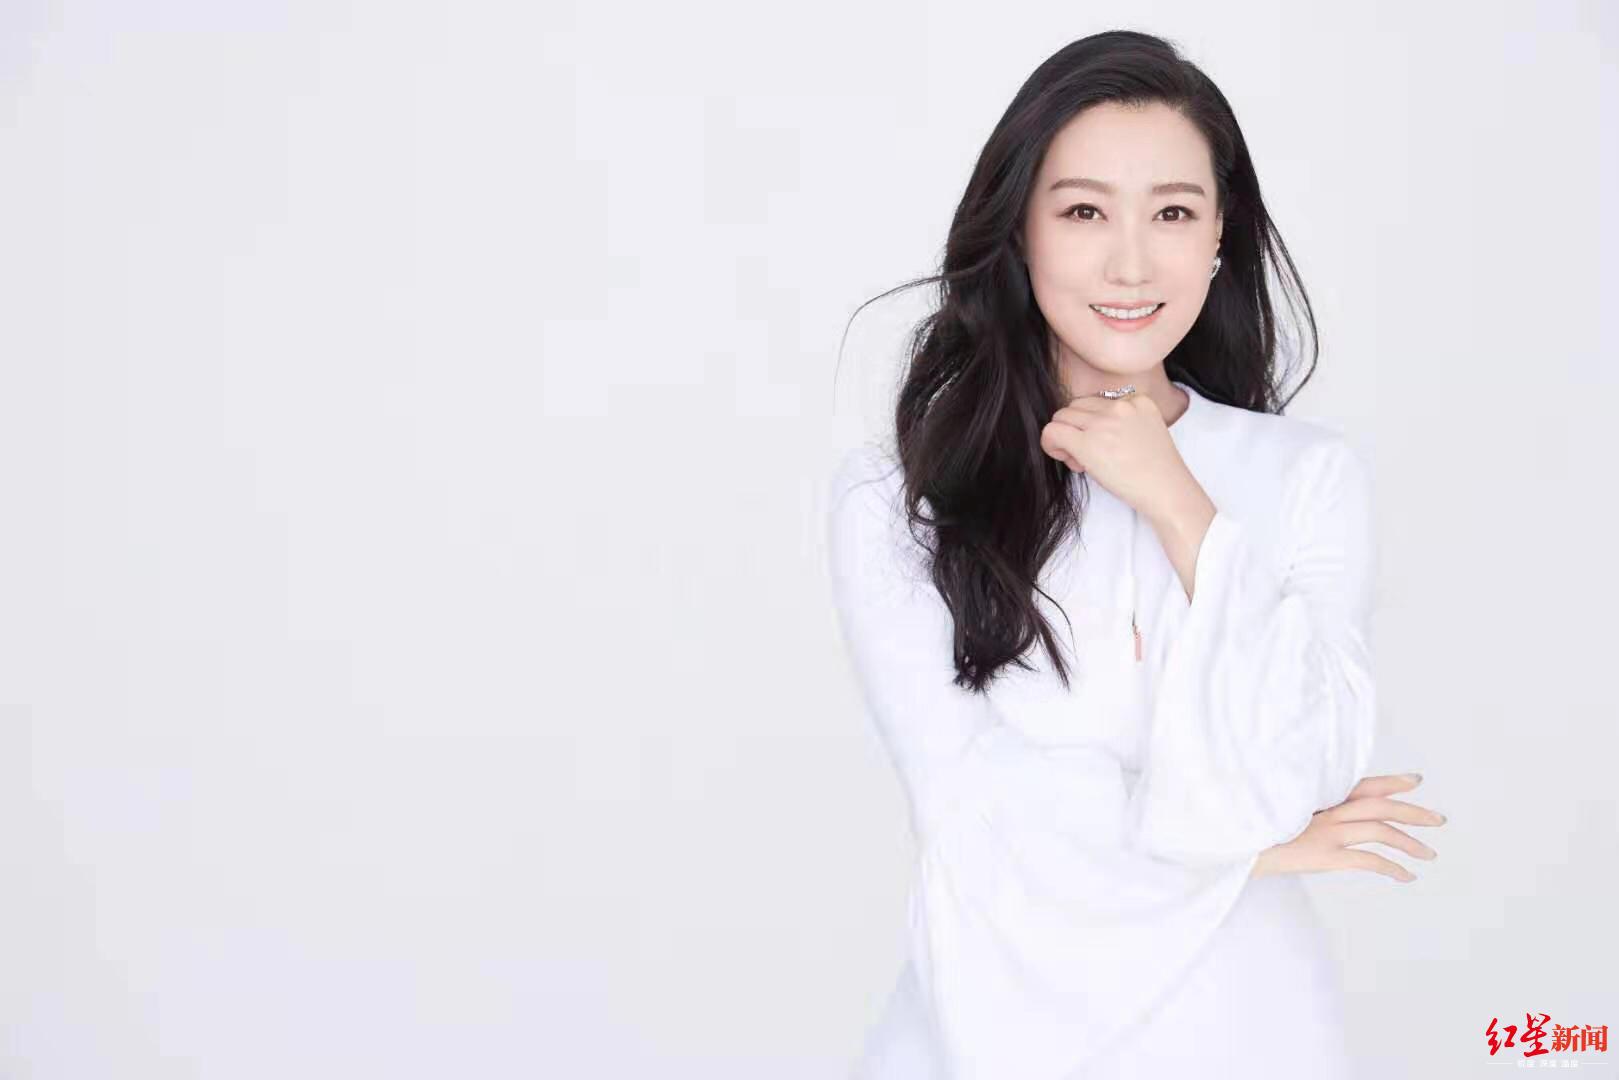 《红星照耀中国》8月8日公映 谭晶邀请小朋友免费看